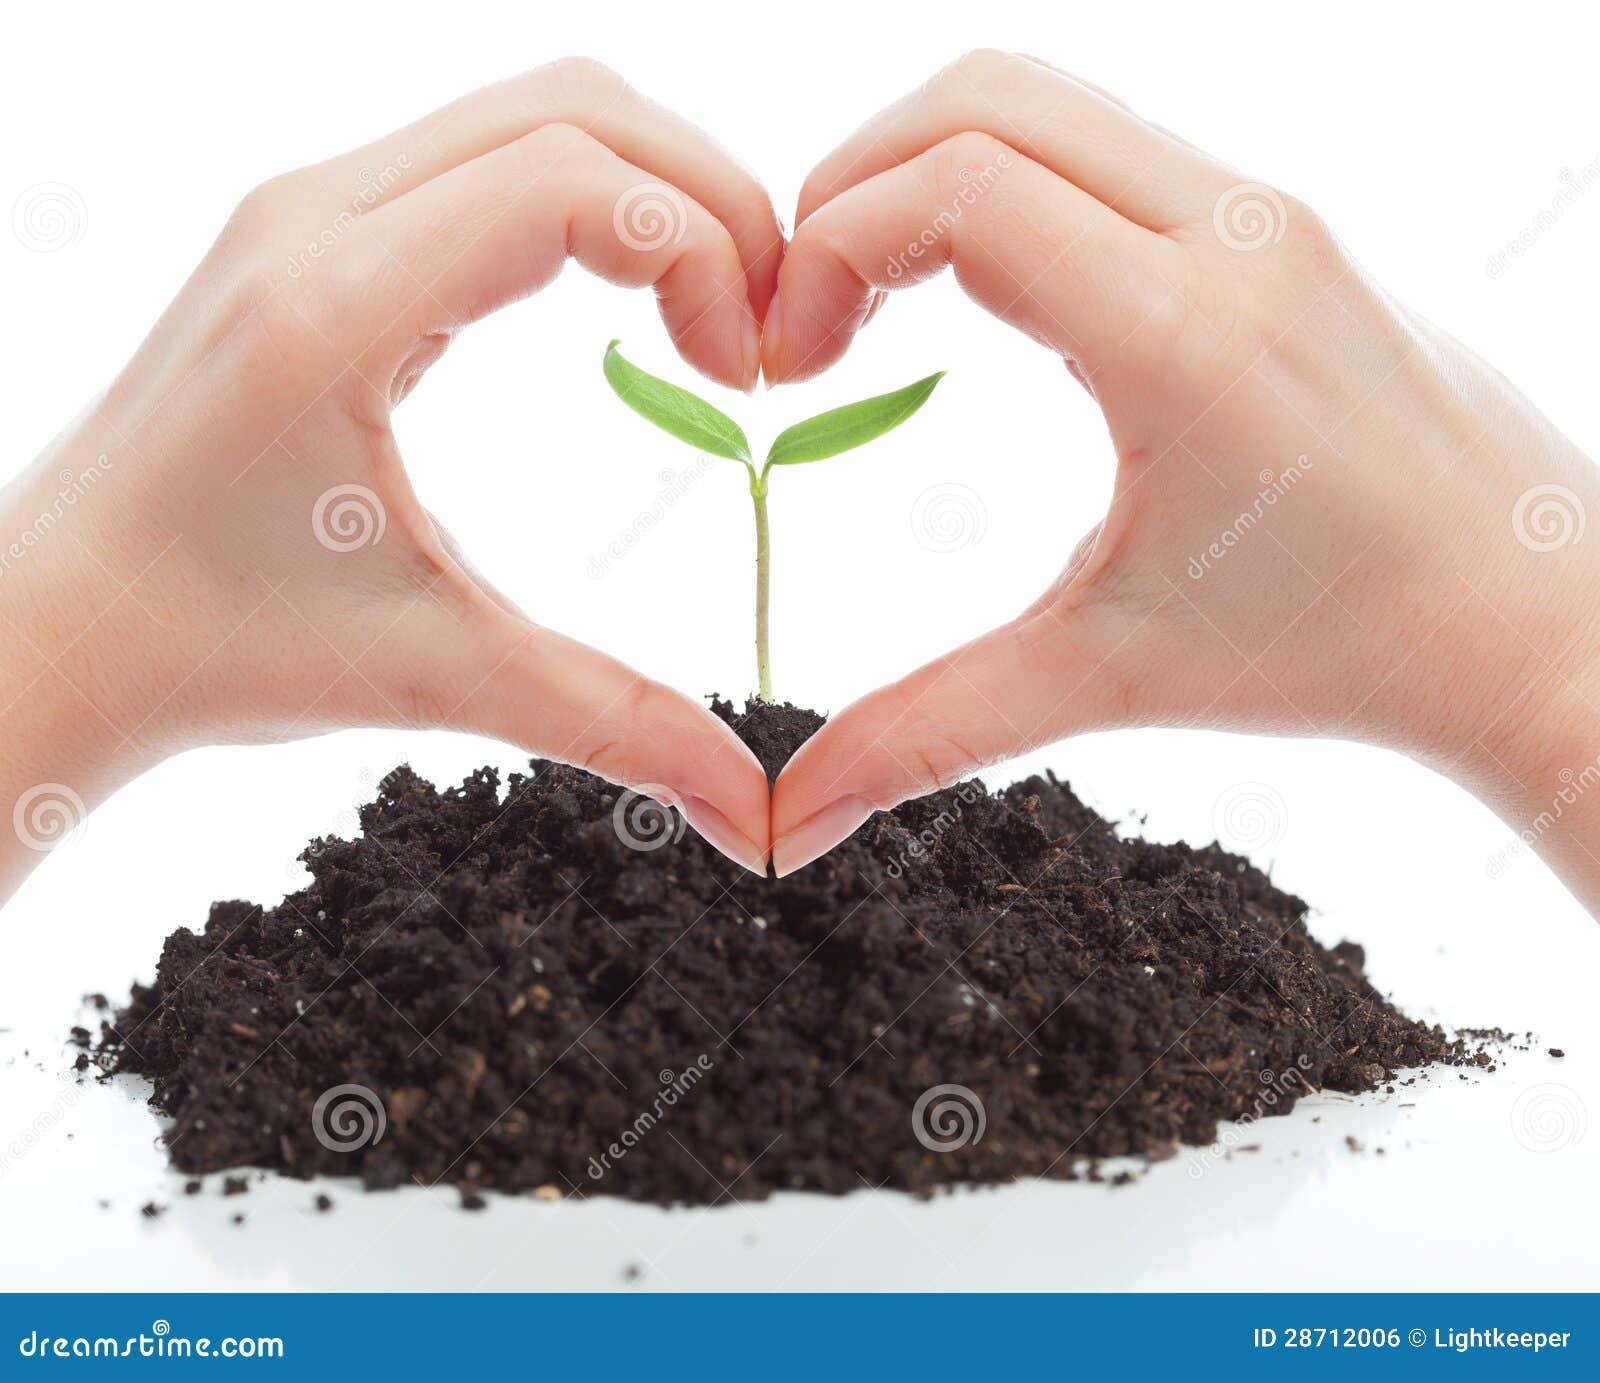 Amore per il concetto della natura